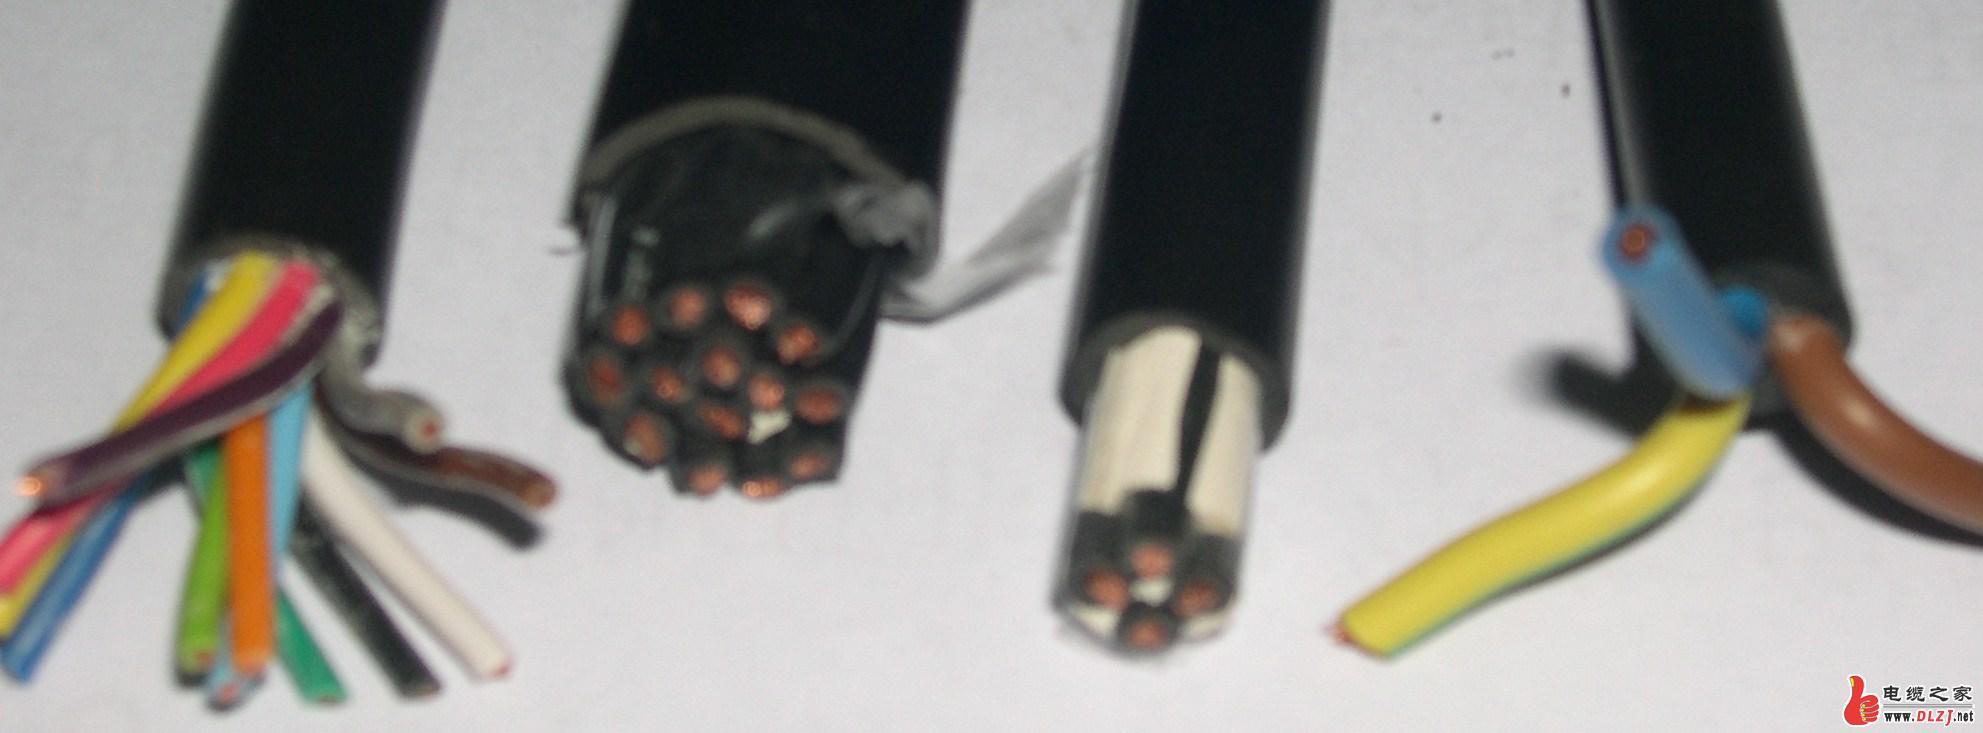 电缆 接线 线 1983_733